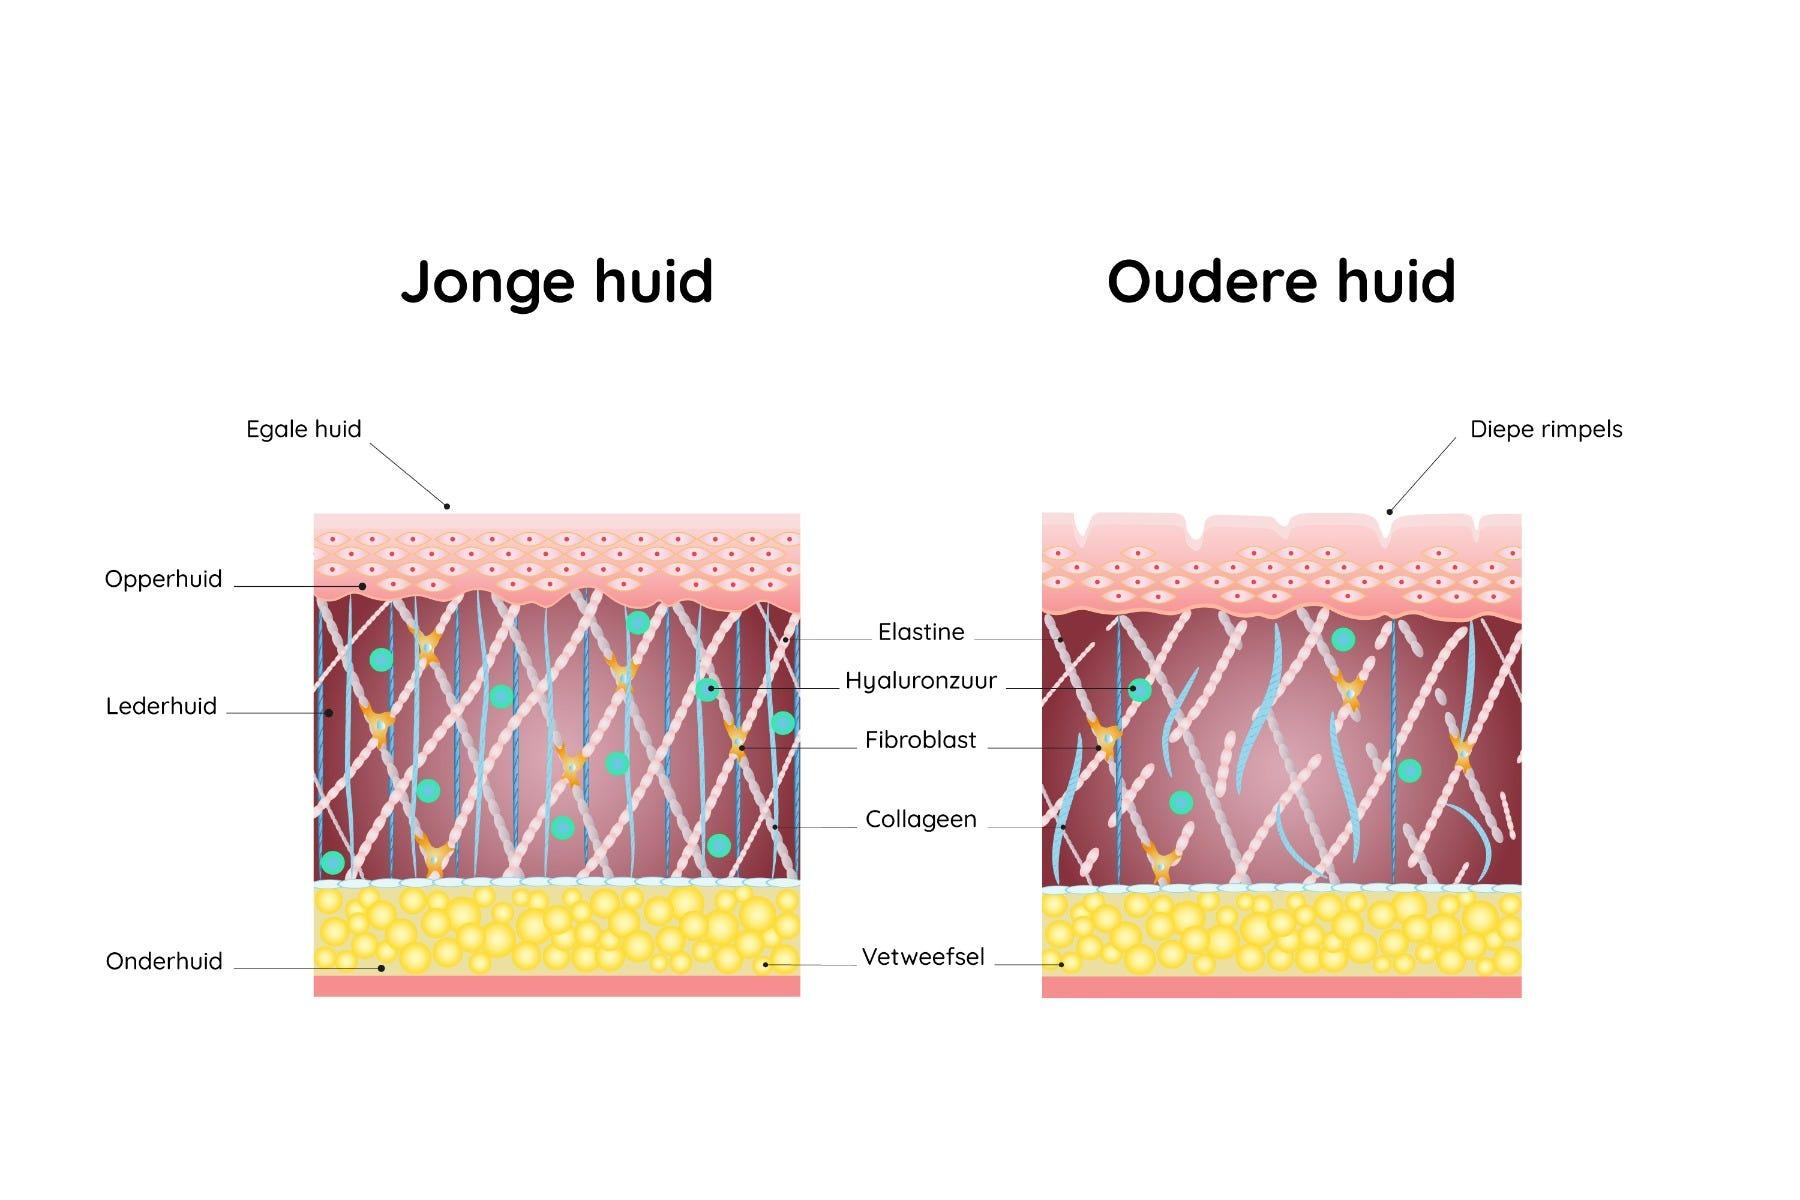 Doorsnede van jonge huid versus oudere huid